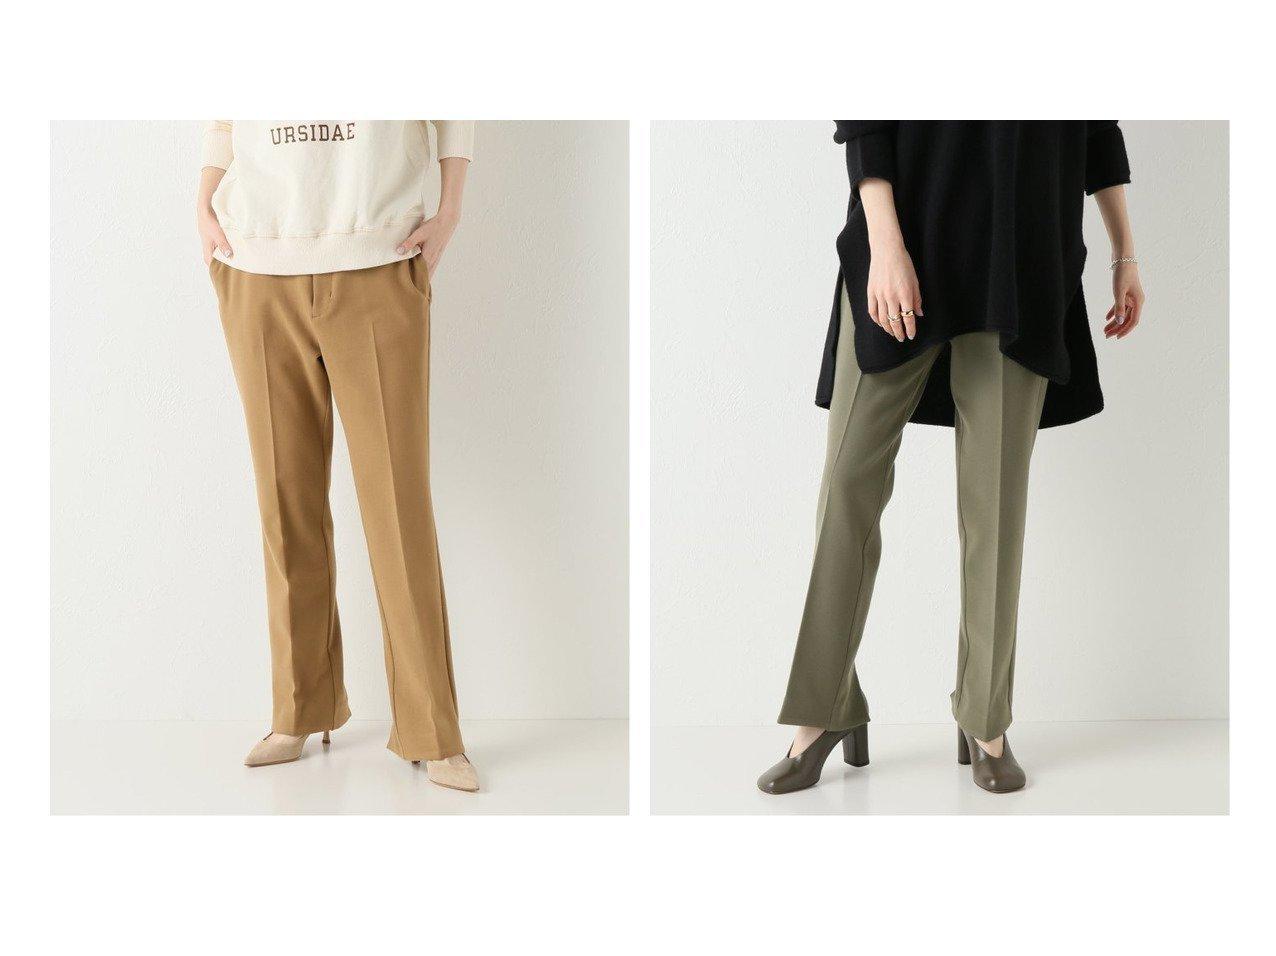 【Plage/プラージュ】のソフトストレッチスリットパンツ パンツのおすすめ!人気、トレンド・レディースファッションの通販 おすすめで人気の流行・トレンド、ファッションの通販商品 メンズファッション・キッズファッション・インテリア・家具・レディースファッション・服の通販 founy(ファニー) https://founy.com/ ファッション Fashion レディースファッション WOMEN パンツ Pants 2020年 2020 2020-2021 秋冬 A/W AW Autumn/Winter / FW Fall-Winter 2020-2021 A/W 秋冬 AW Autumn/Winter / FW Fall-Winter ストレッチ |ID:crp329100000014289